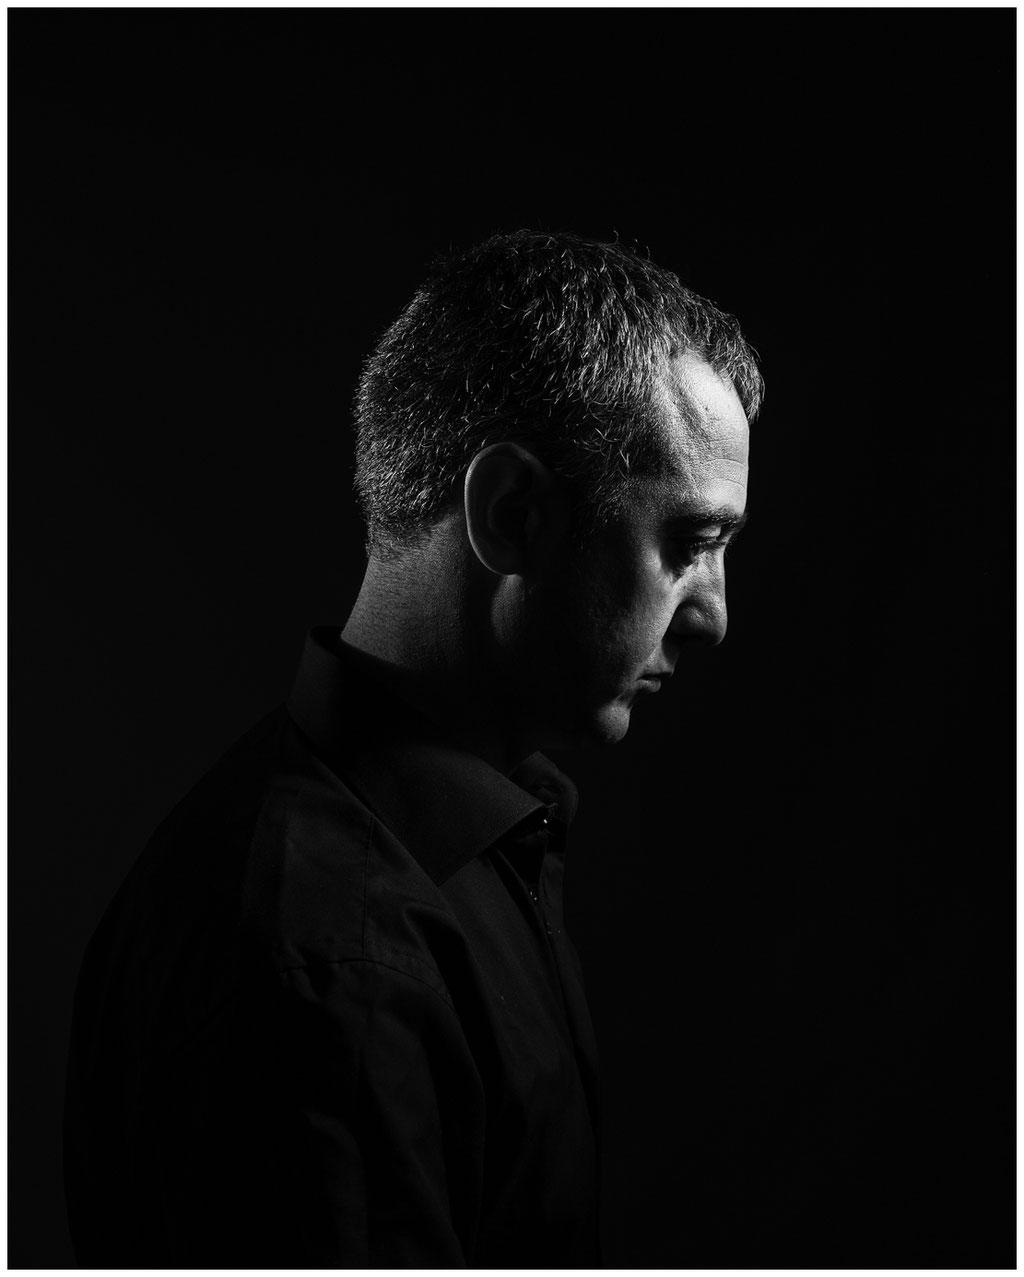 Studioporträt, Mann, Profil, Weimar, Leica Q